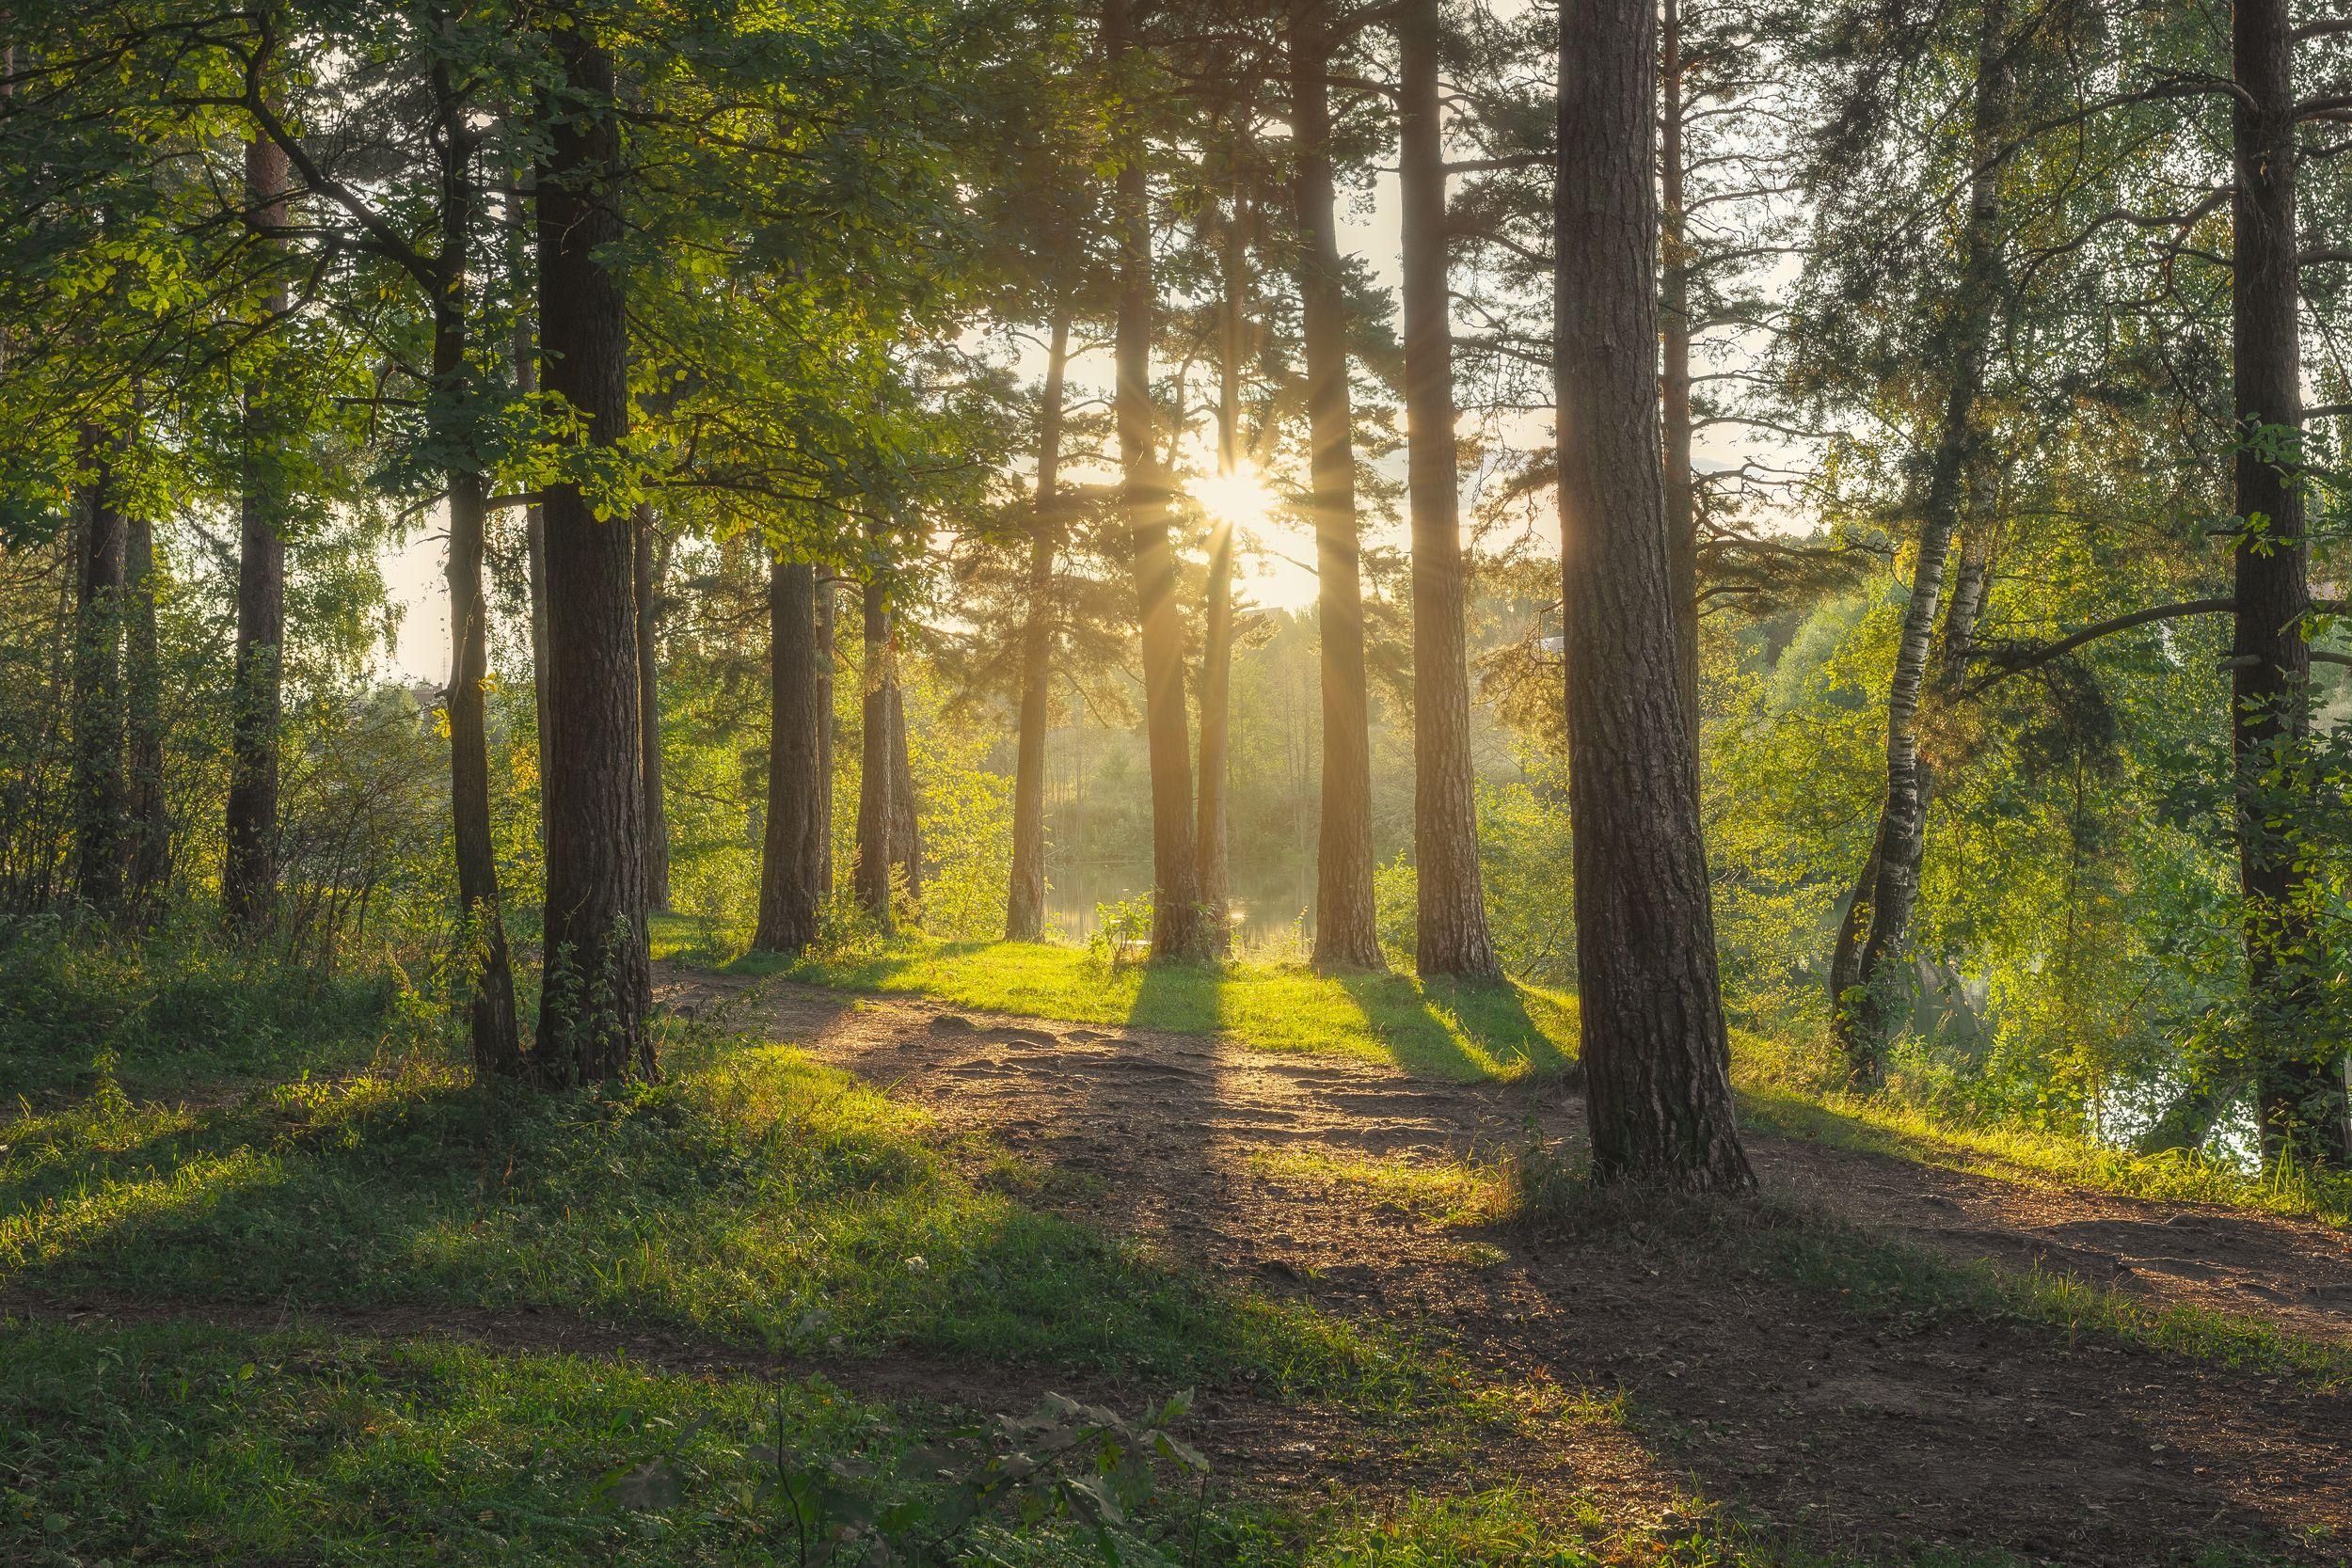 закат, природа, Московская область, лес, сосны, пейзаж, осень, Мартыненко Дмитрий